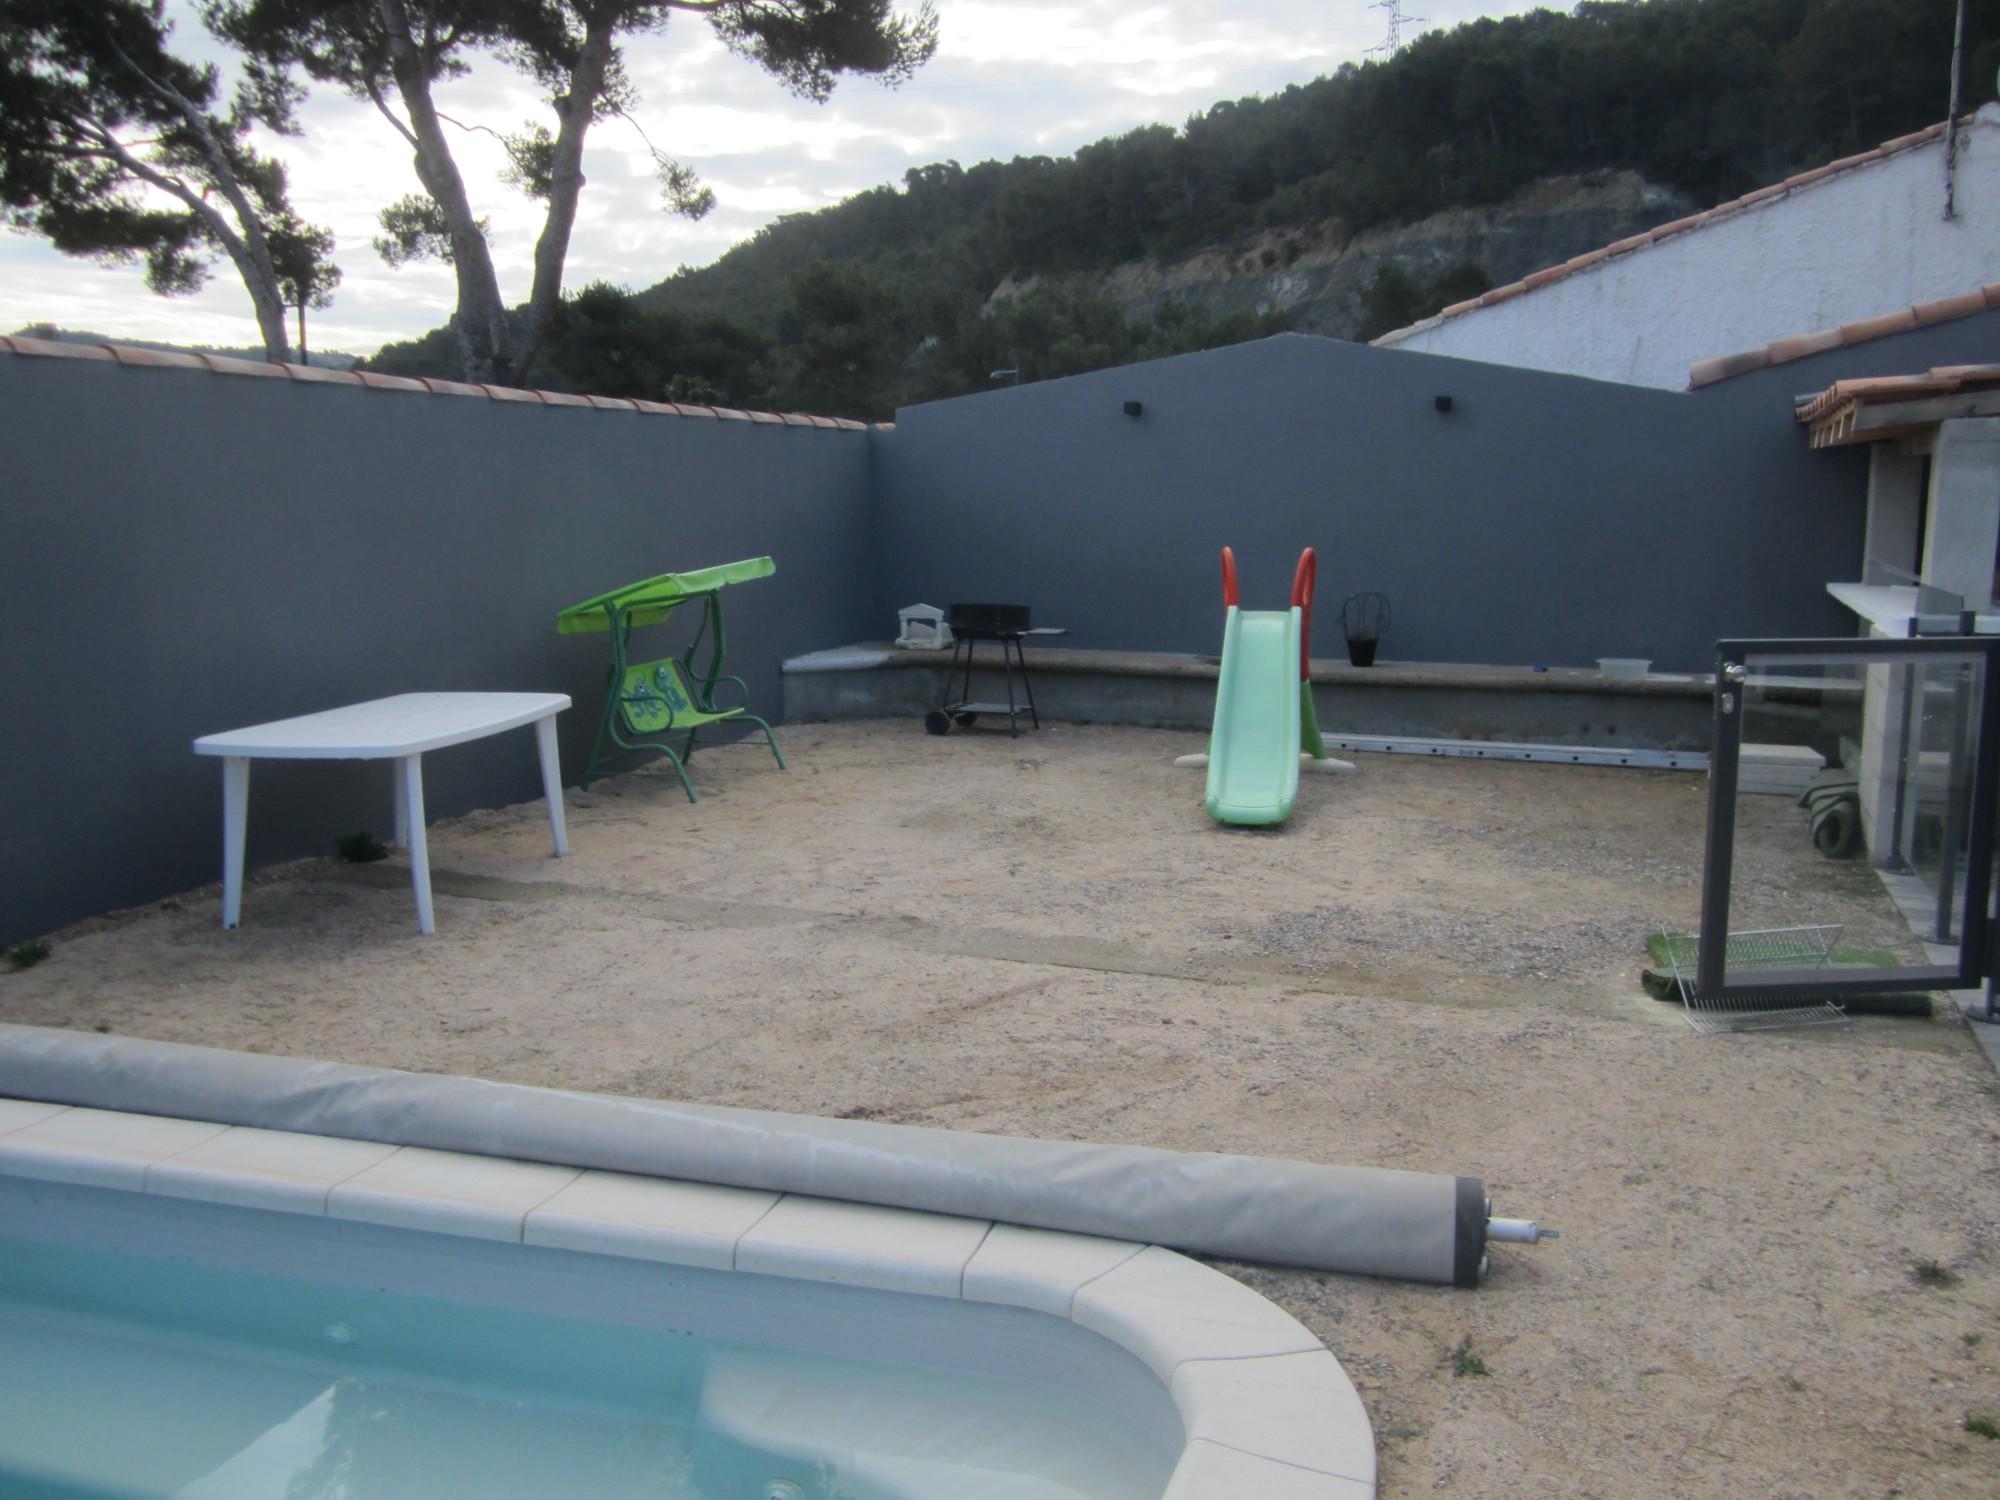 Am nagement d 39 une piscine et d 39 un jardin contemporain for Photo d amenagement piscine